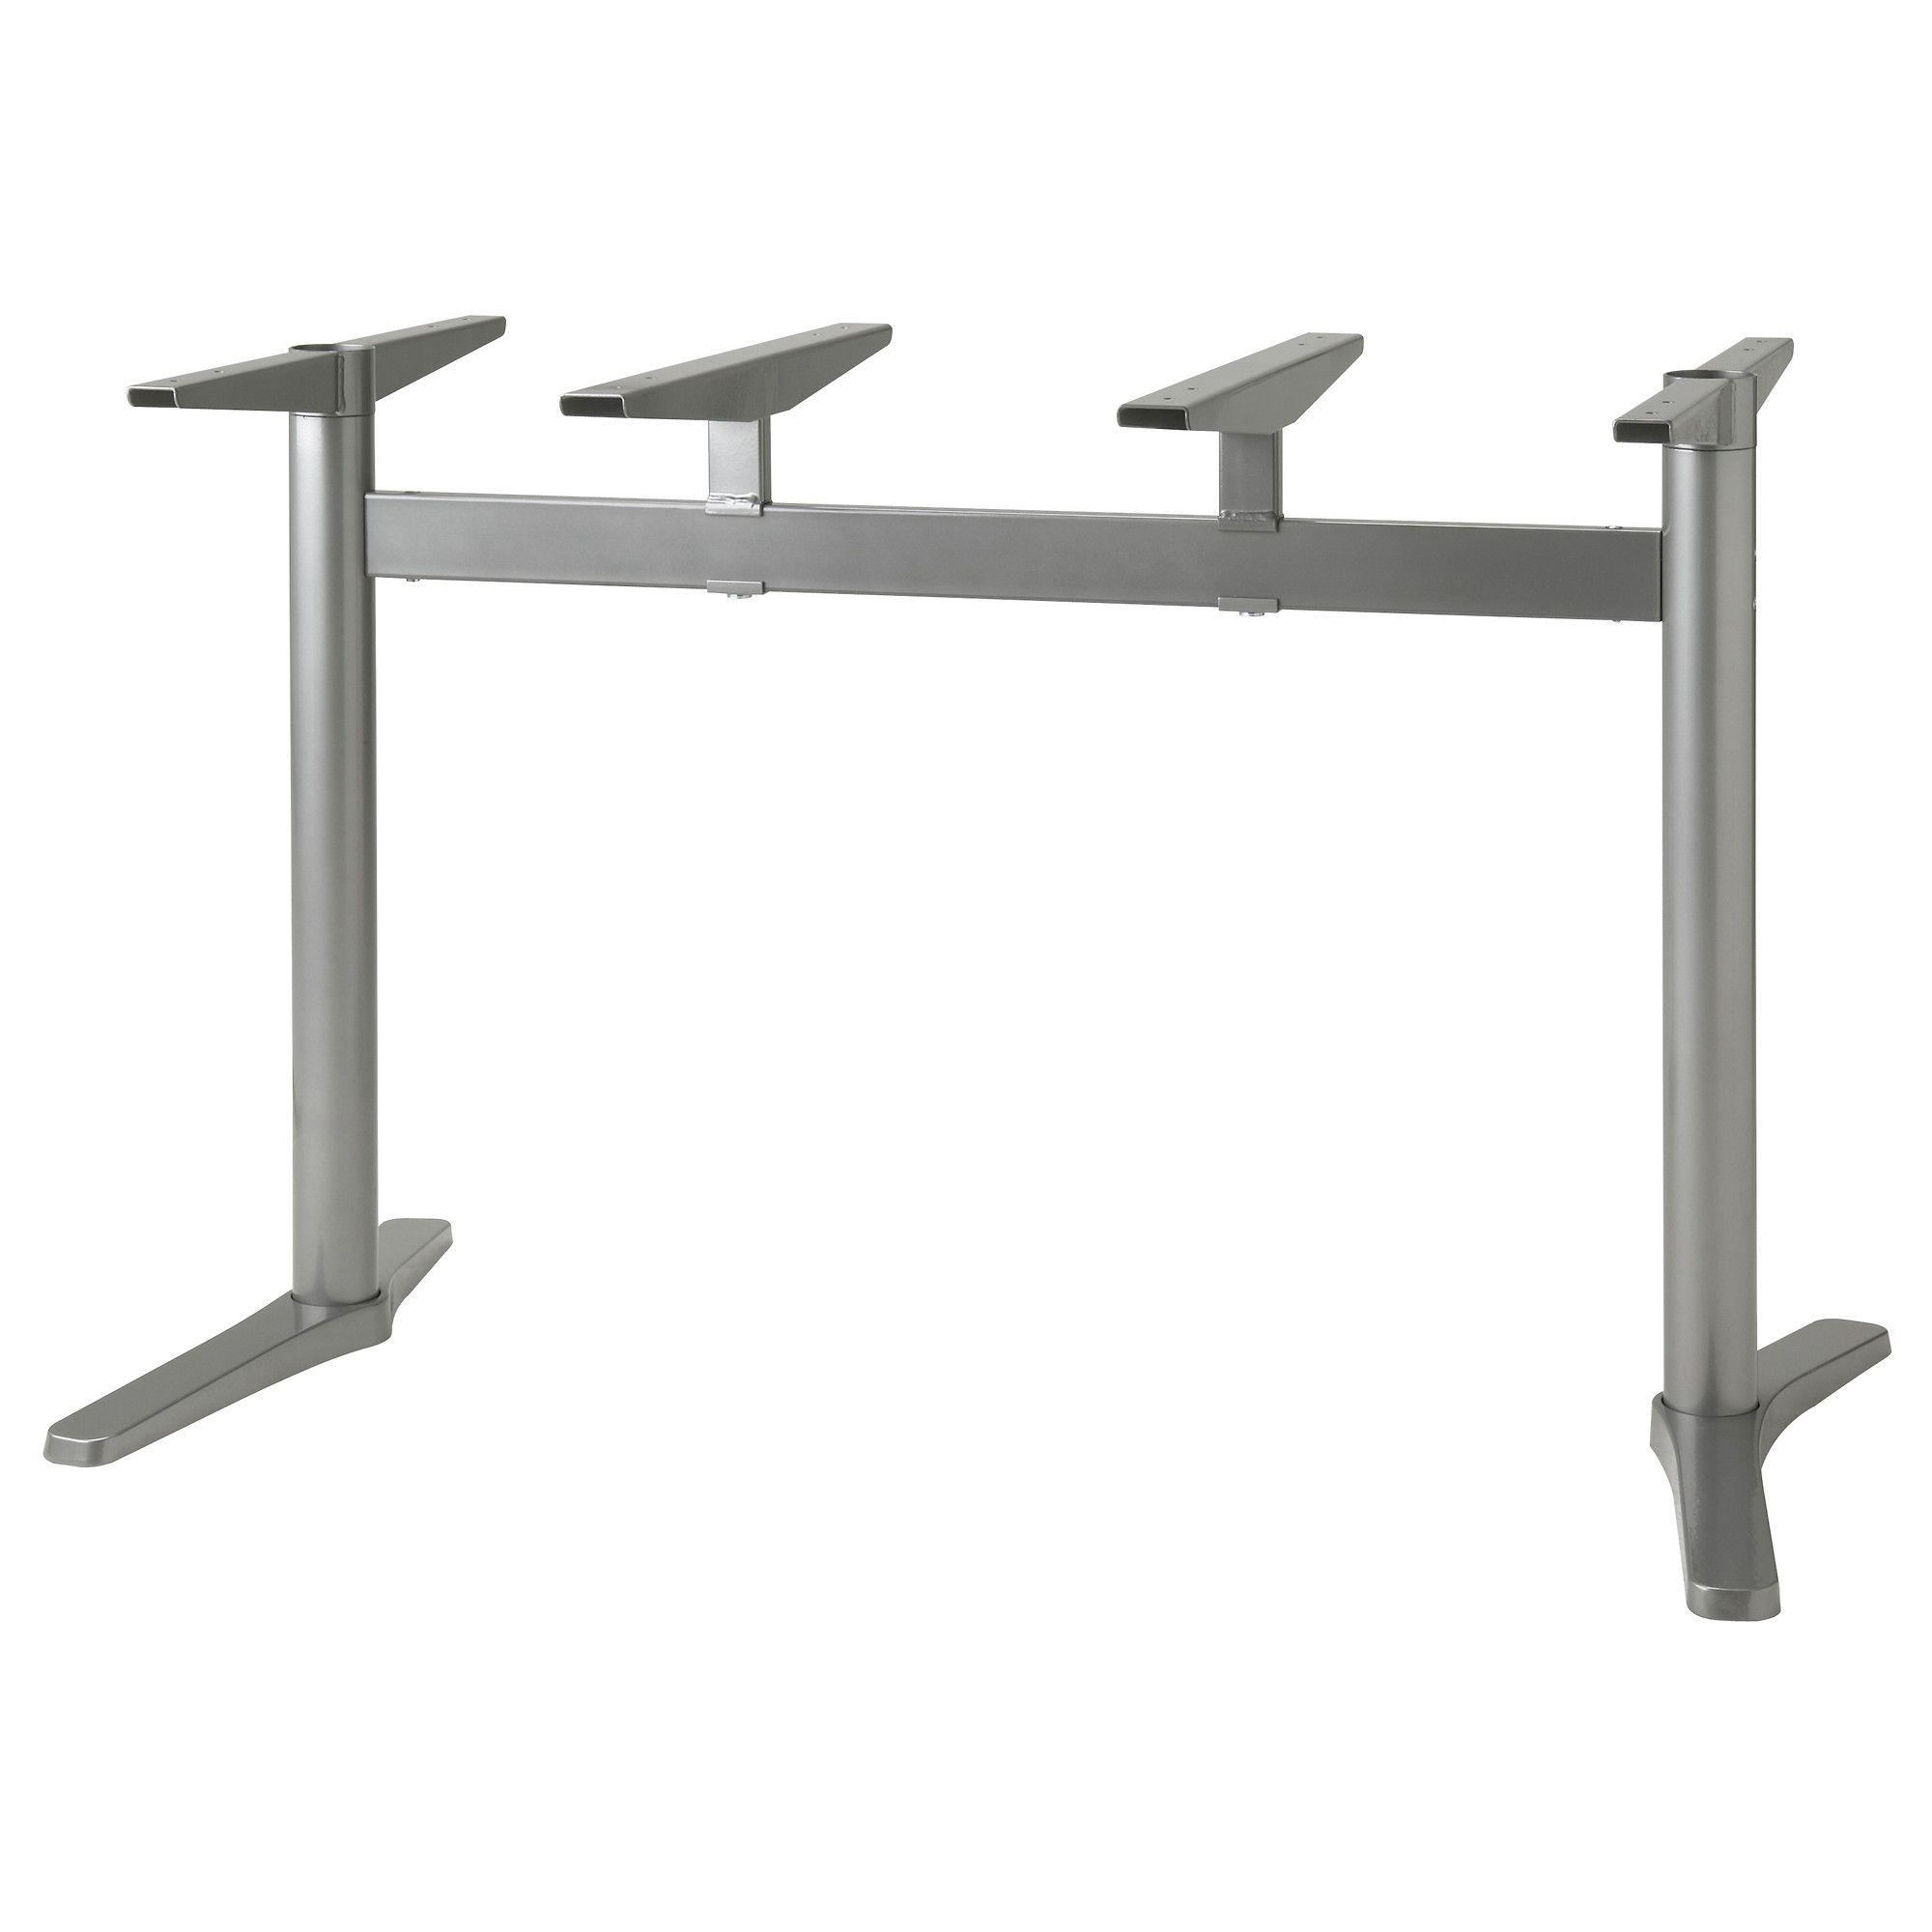 Kitchen Bar Table Ikea: BILLSTA Rectangular Underframe For Kitchen Bar Table, $129